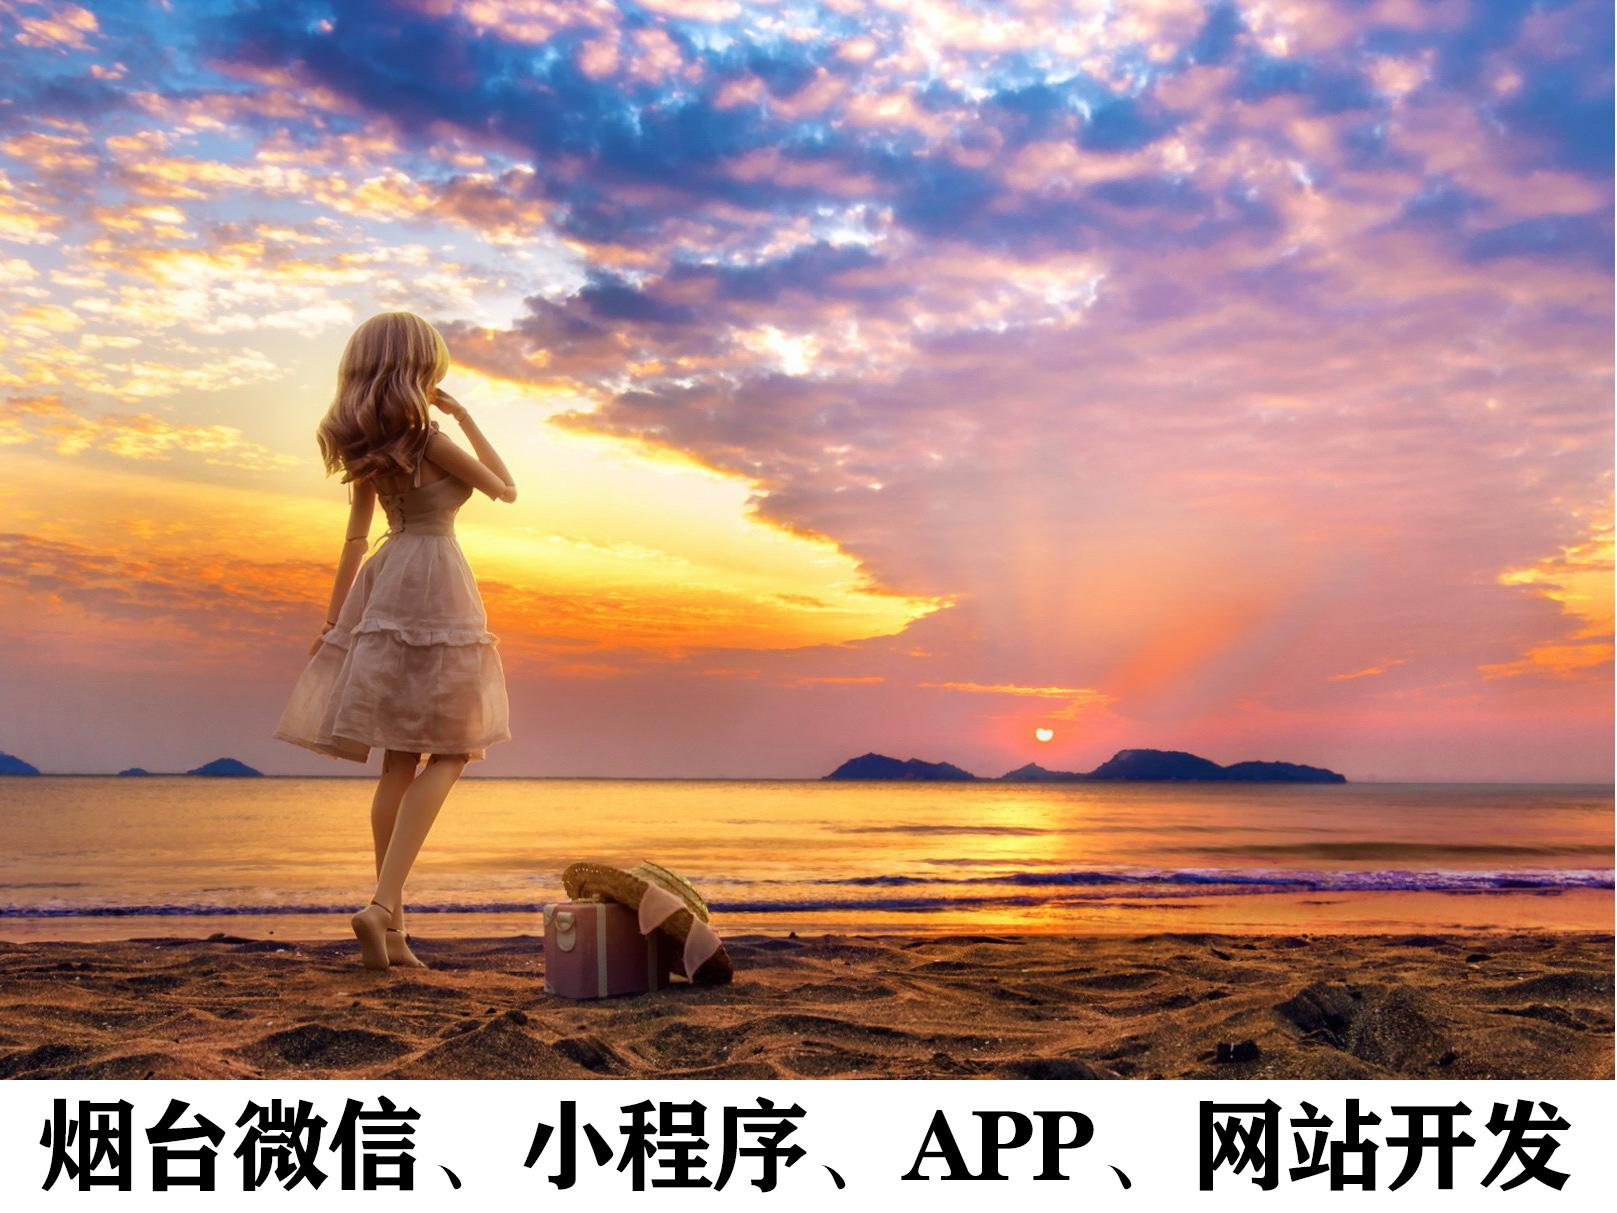 烟台APP开发:如何上架iOS APP?